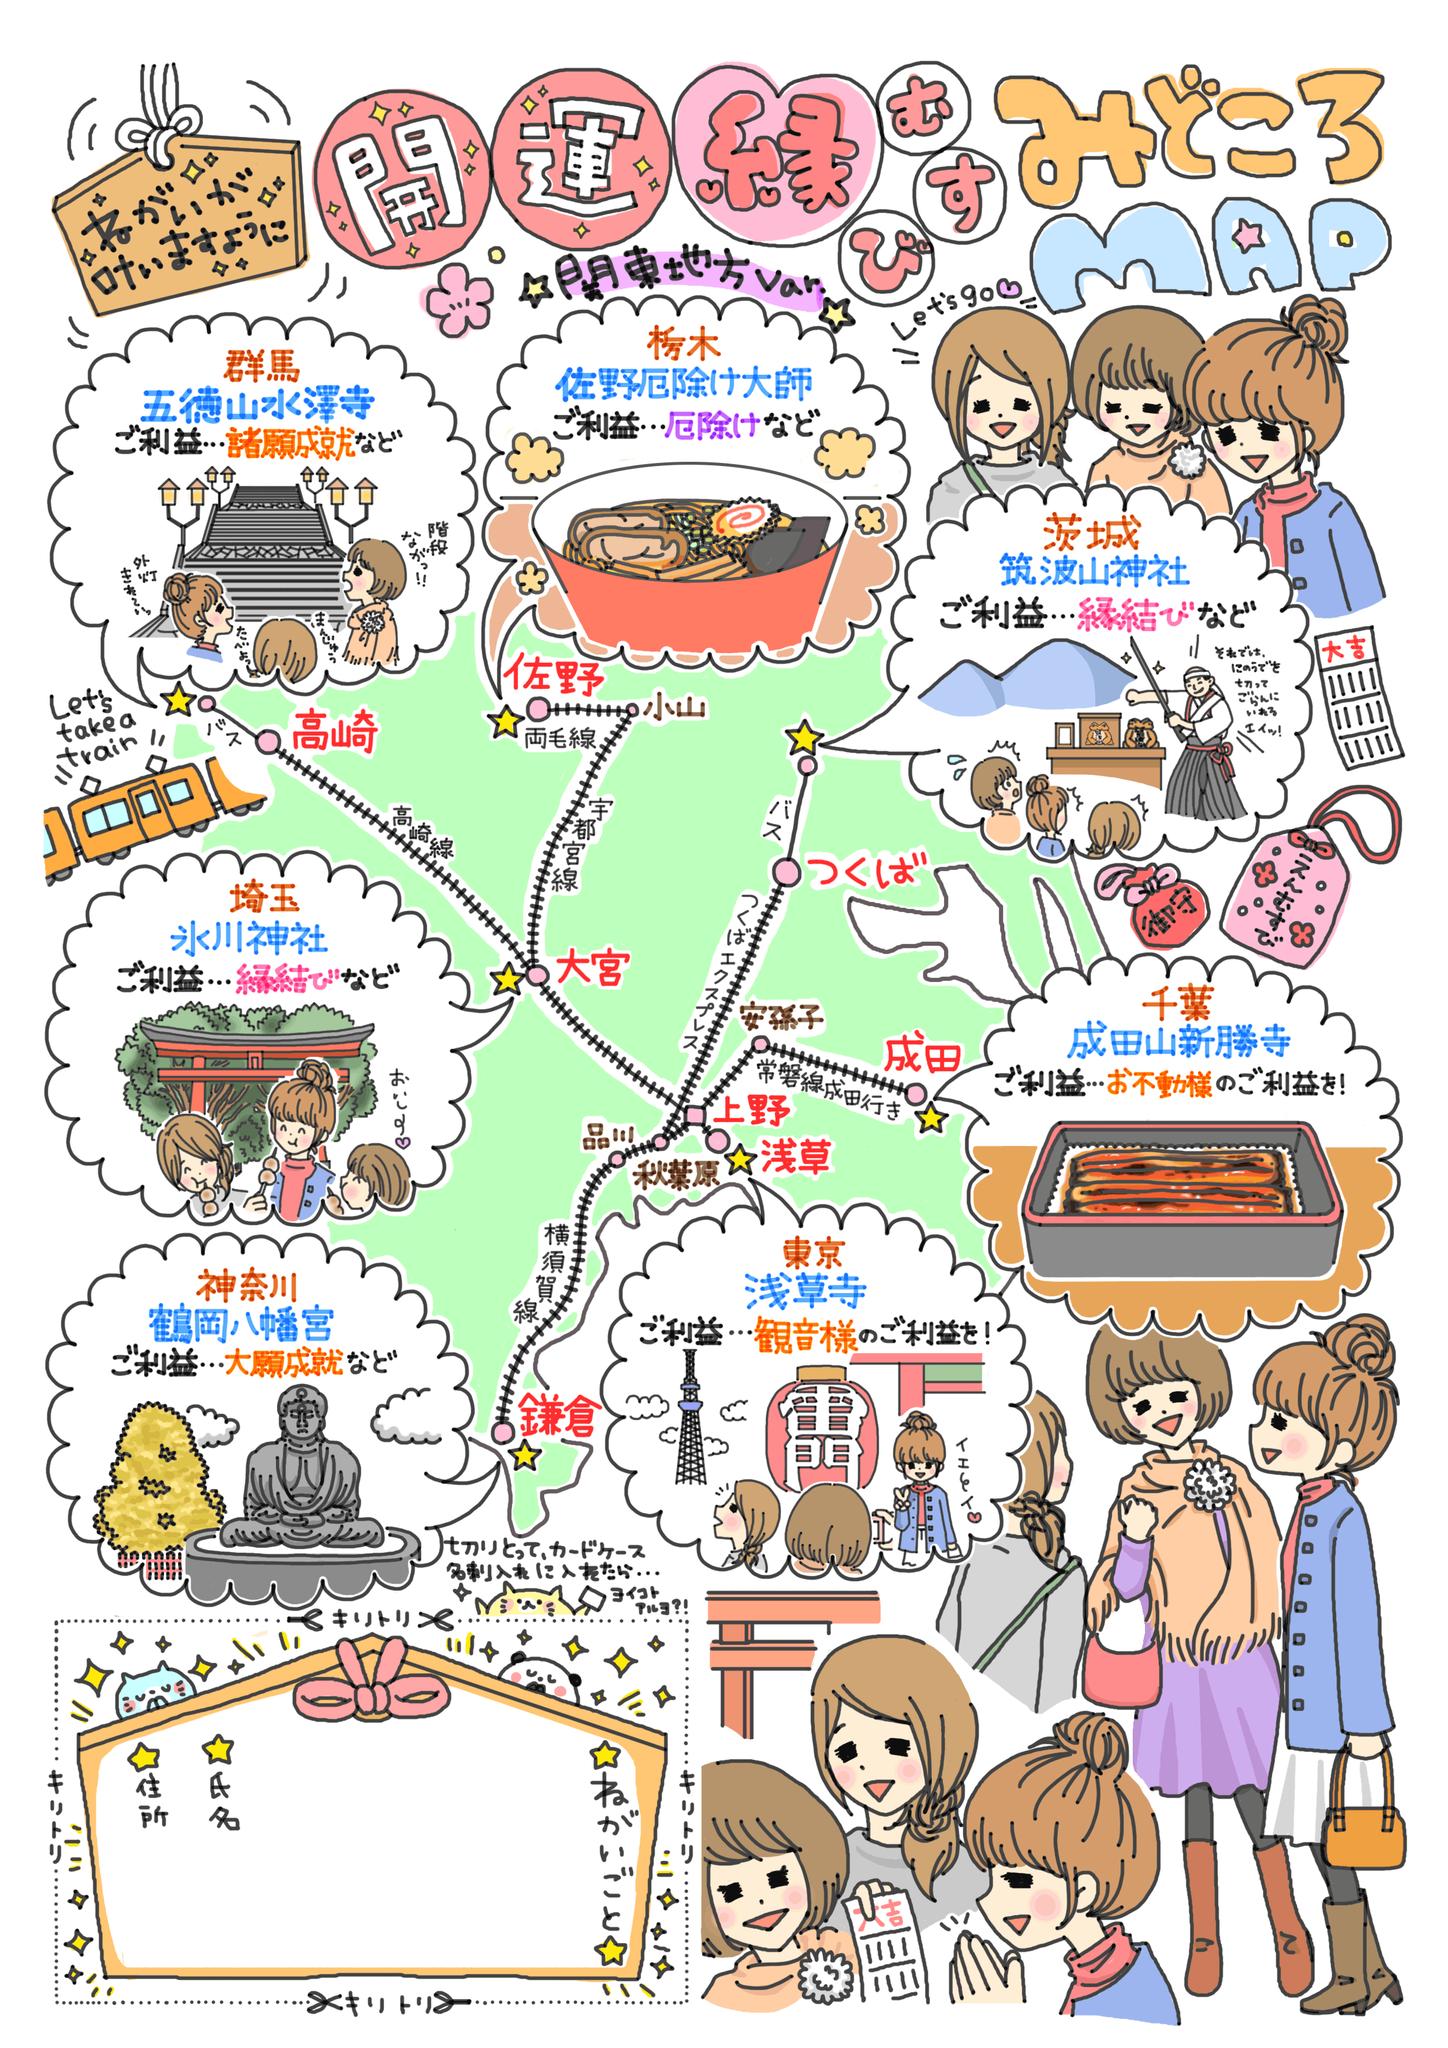 関東初詣マップ